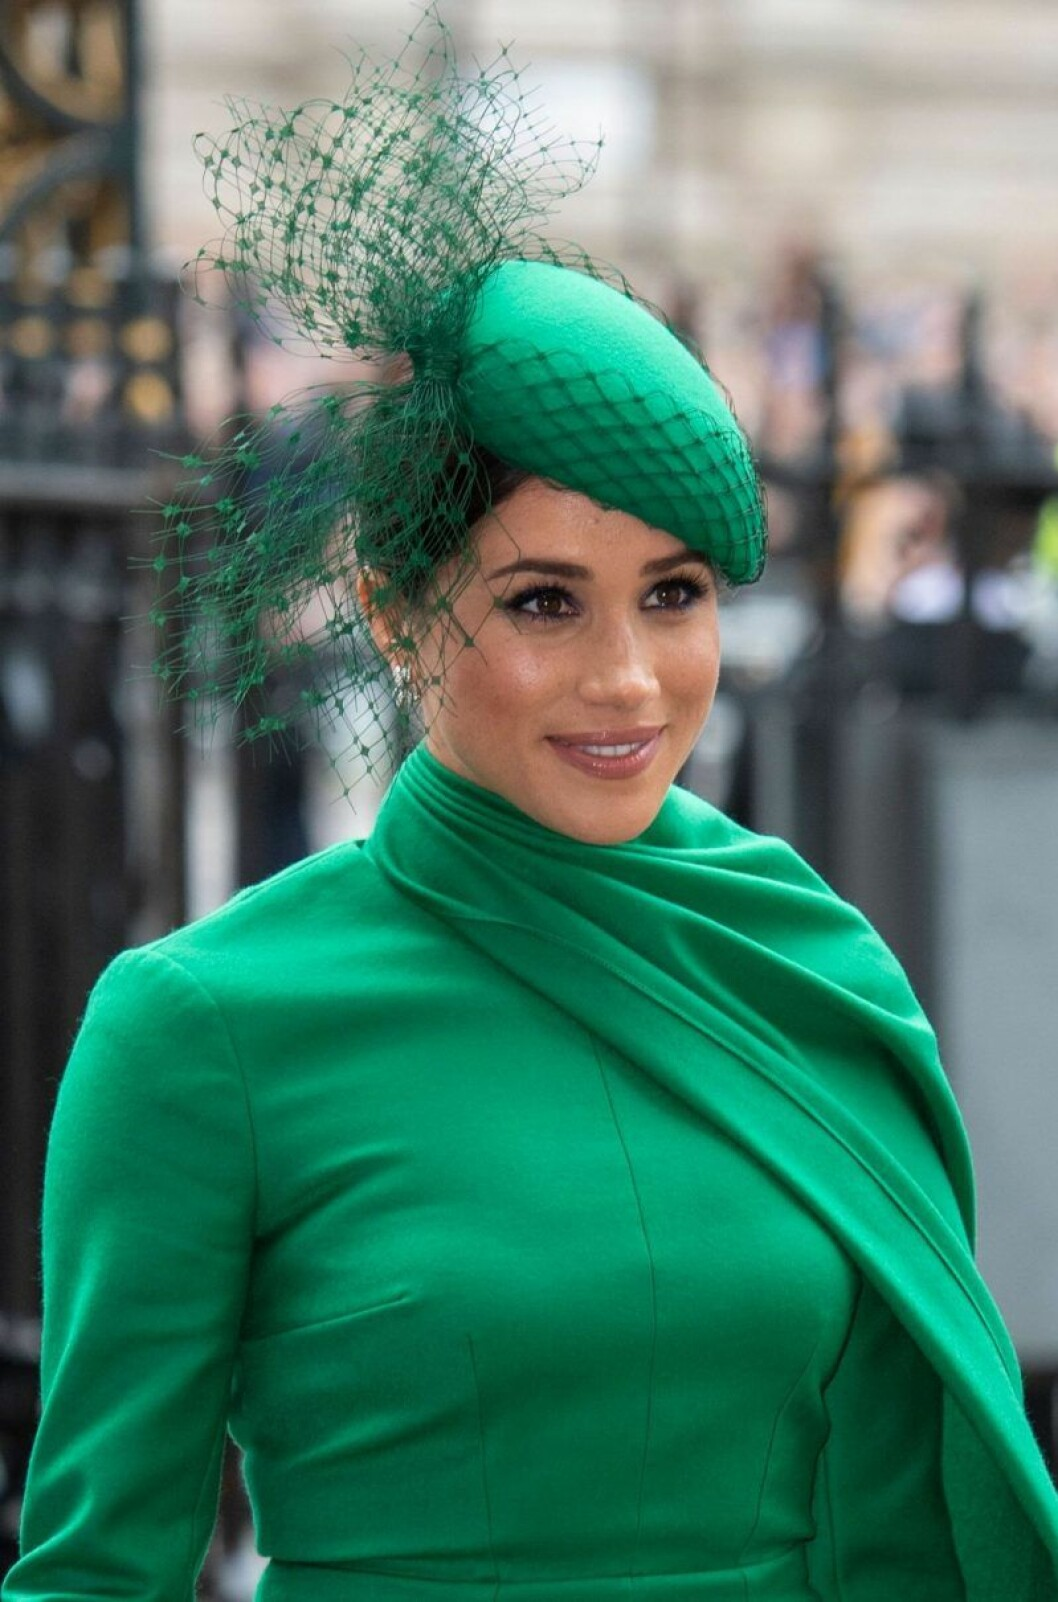 Meghan Markle i grön kappa och grön hatt